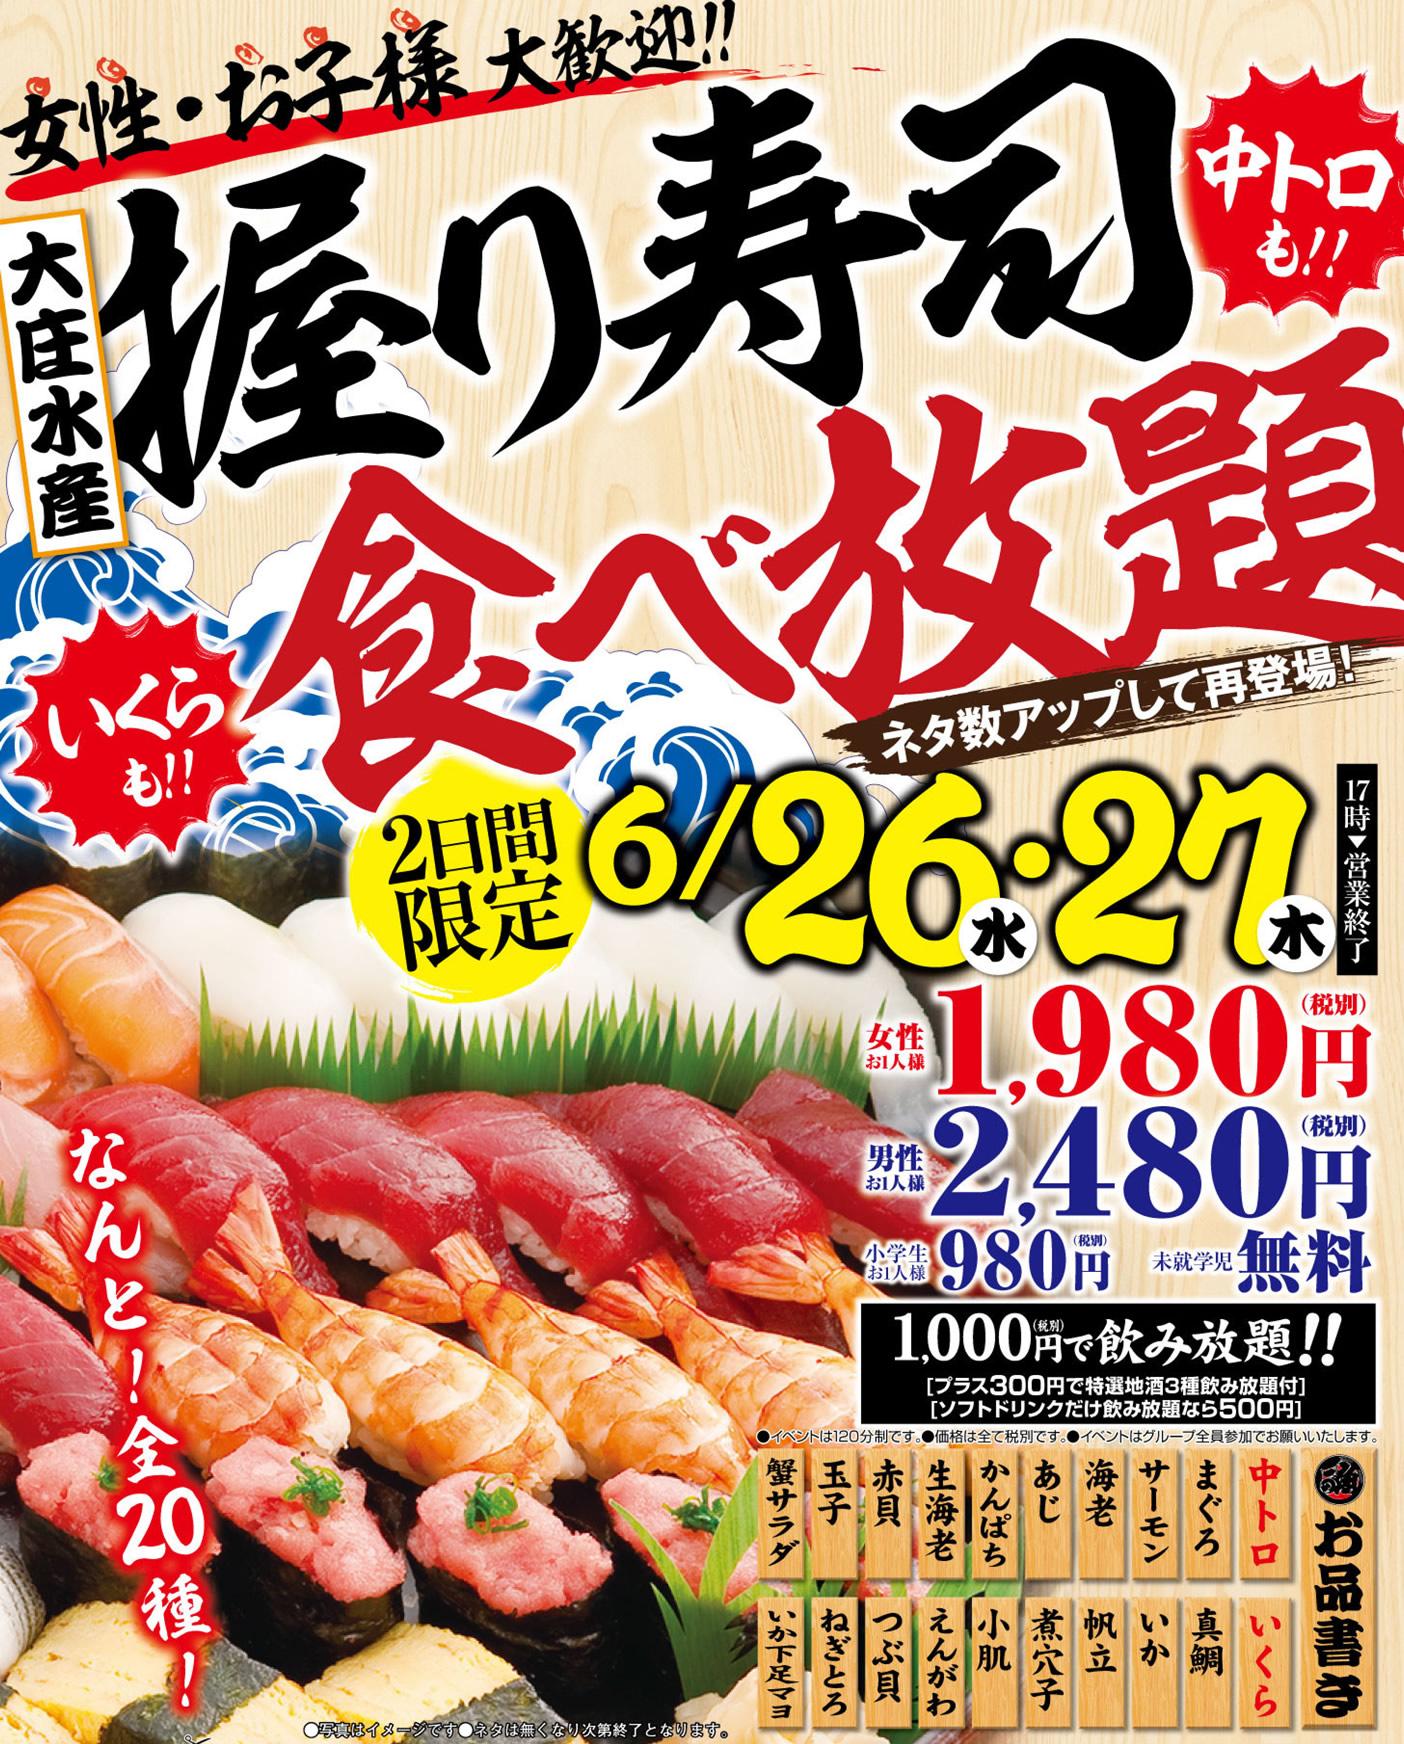 【大庄水産】★握り寿司食べ放題*6月26日(水)・27日(木)!★